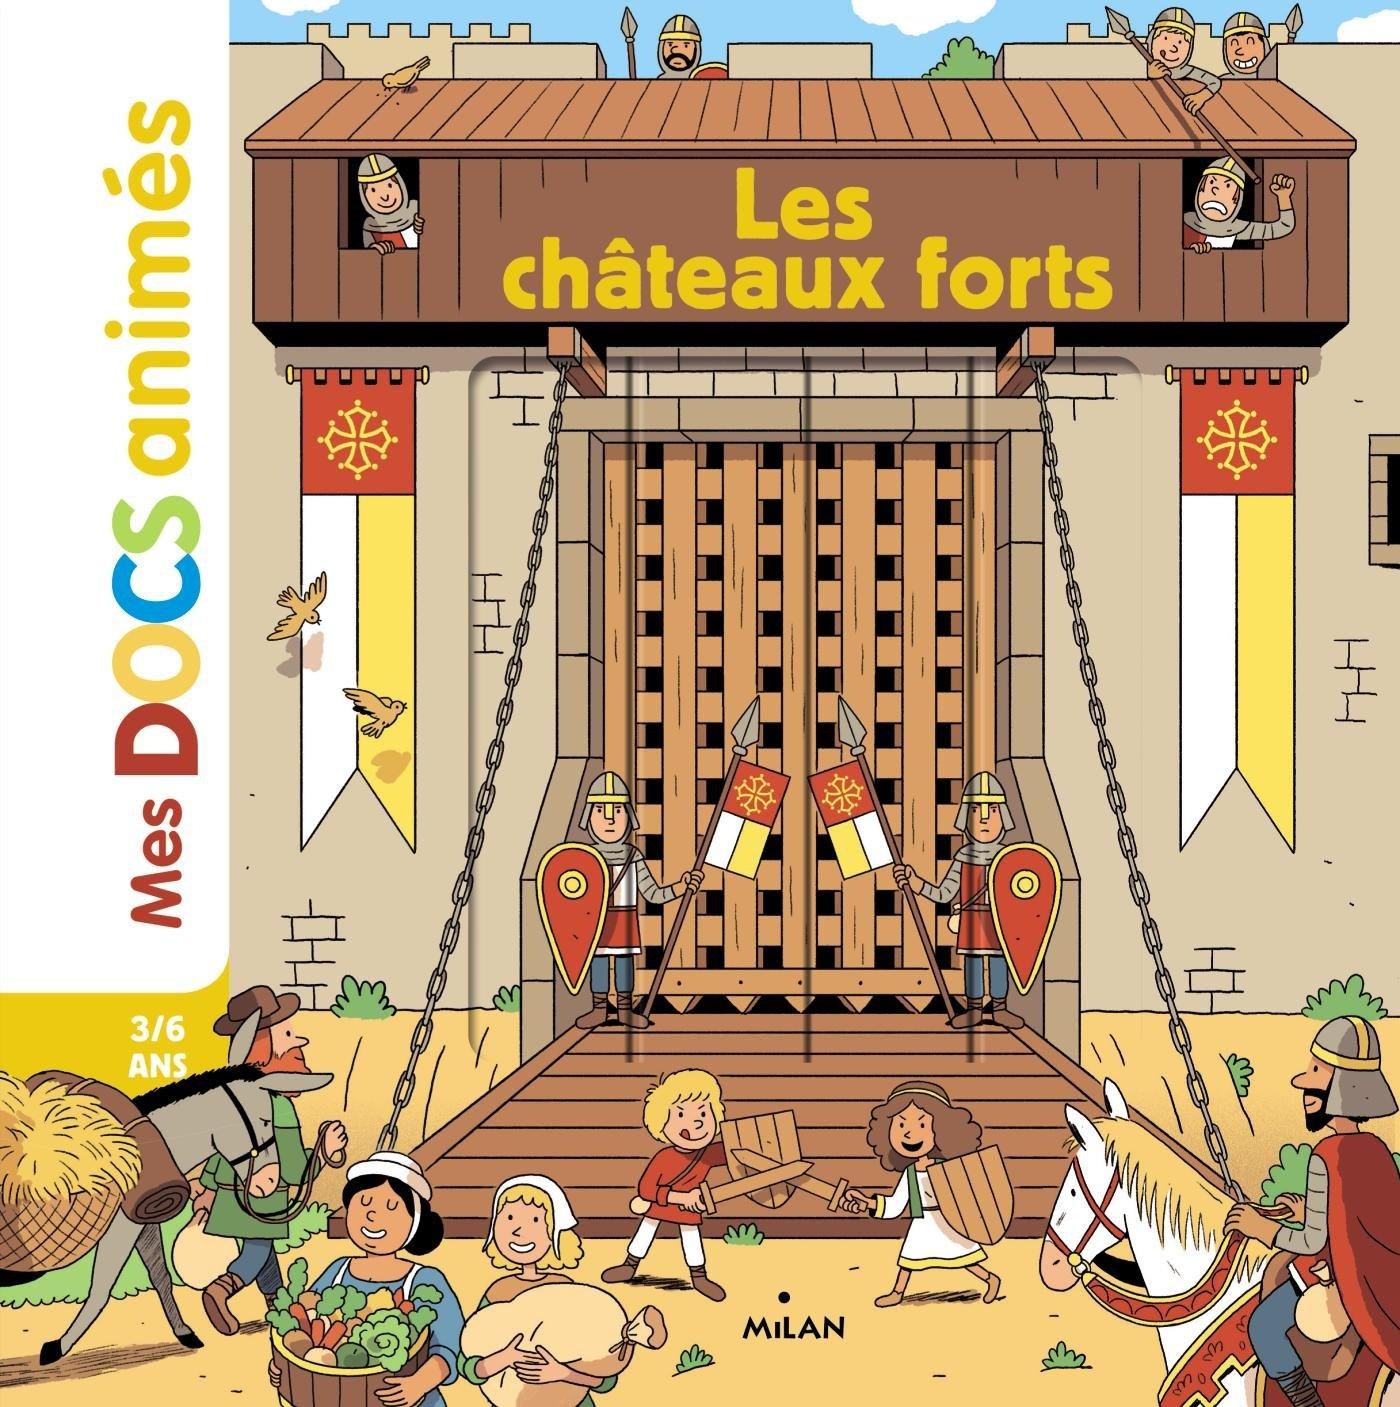 Les châteaux forts Album – 5 octobre 2016 Stéphanie Ledu Stéphane Frattini Camille Baladi Vincent Caut